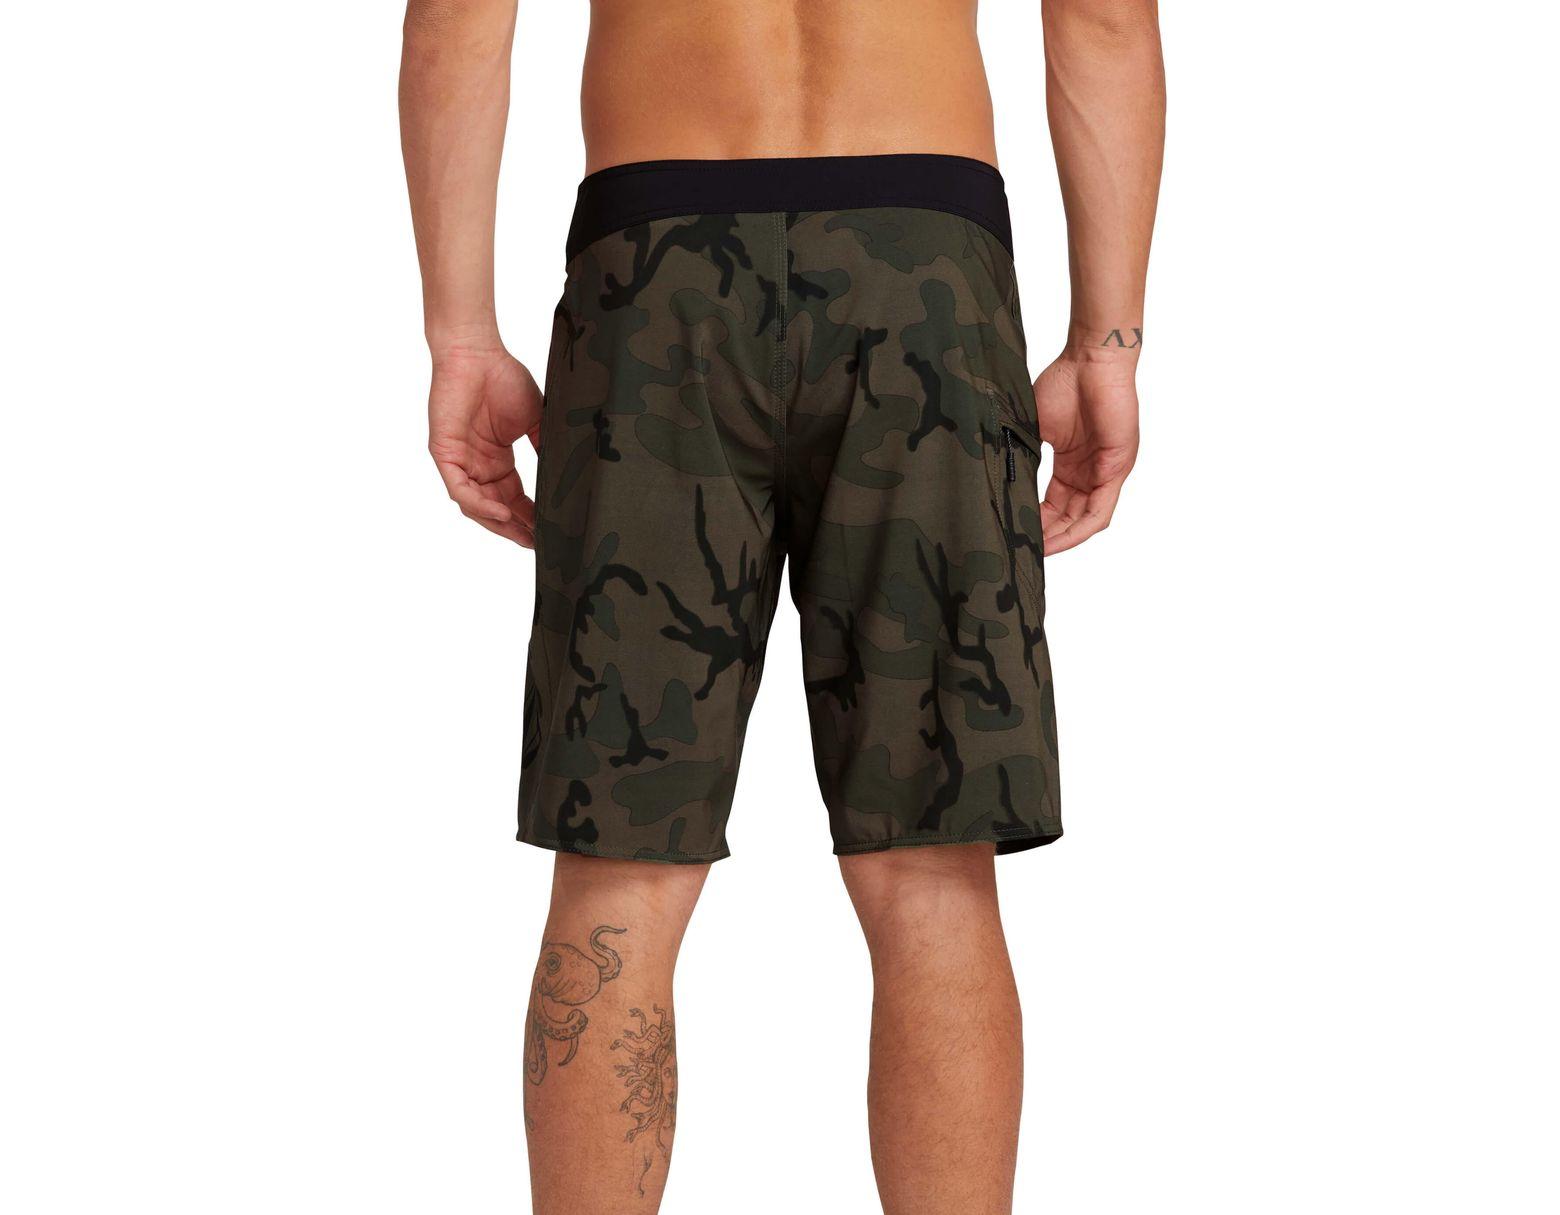 48b6e748e821e Lyst - Volcom Deadly Stones 2.0 Board Shorts in Green for Men